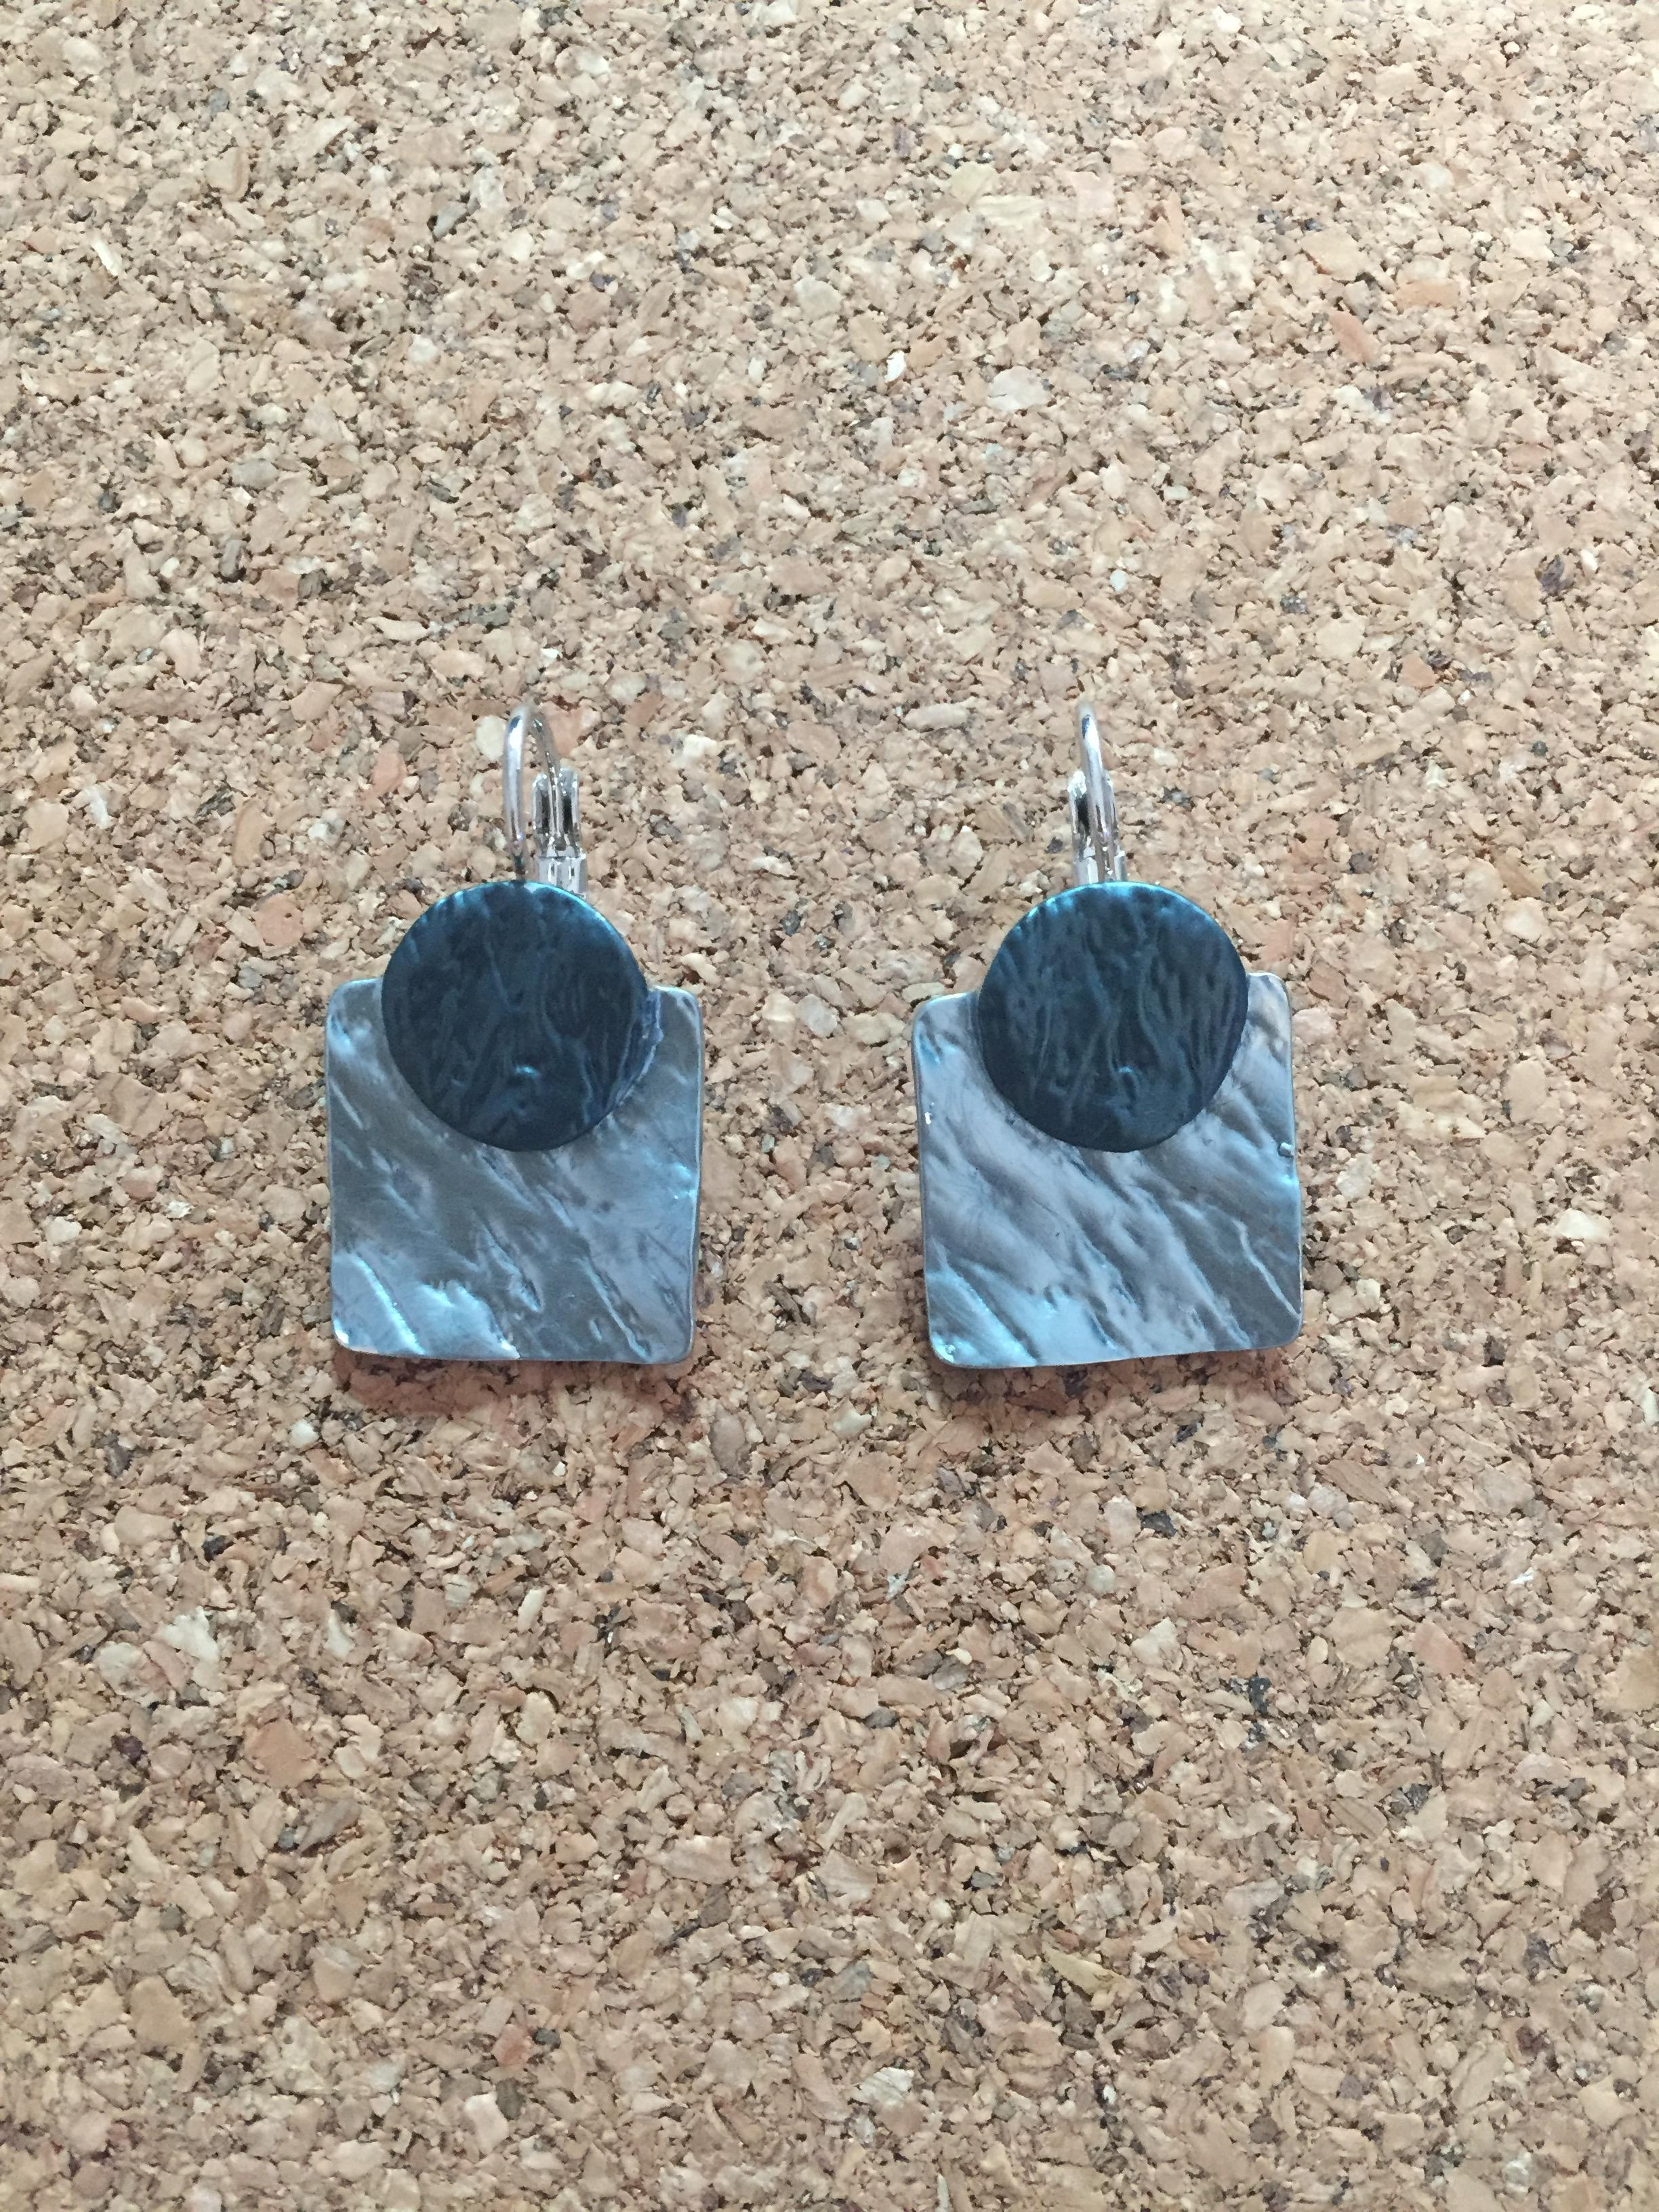 F017 ต่างหูห่วงโรเดียม สี่เหลี่ยมฟ้าอมเขียว